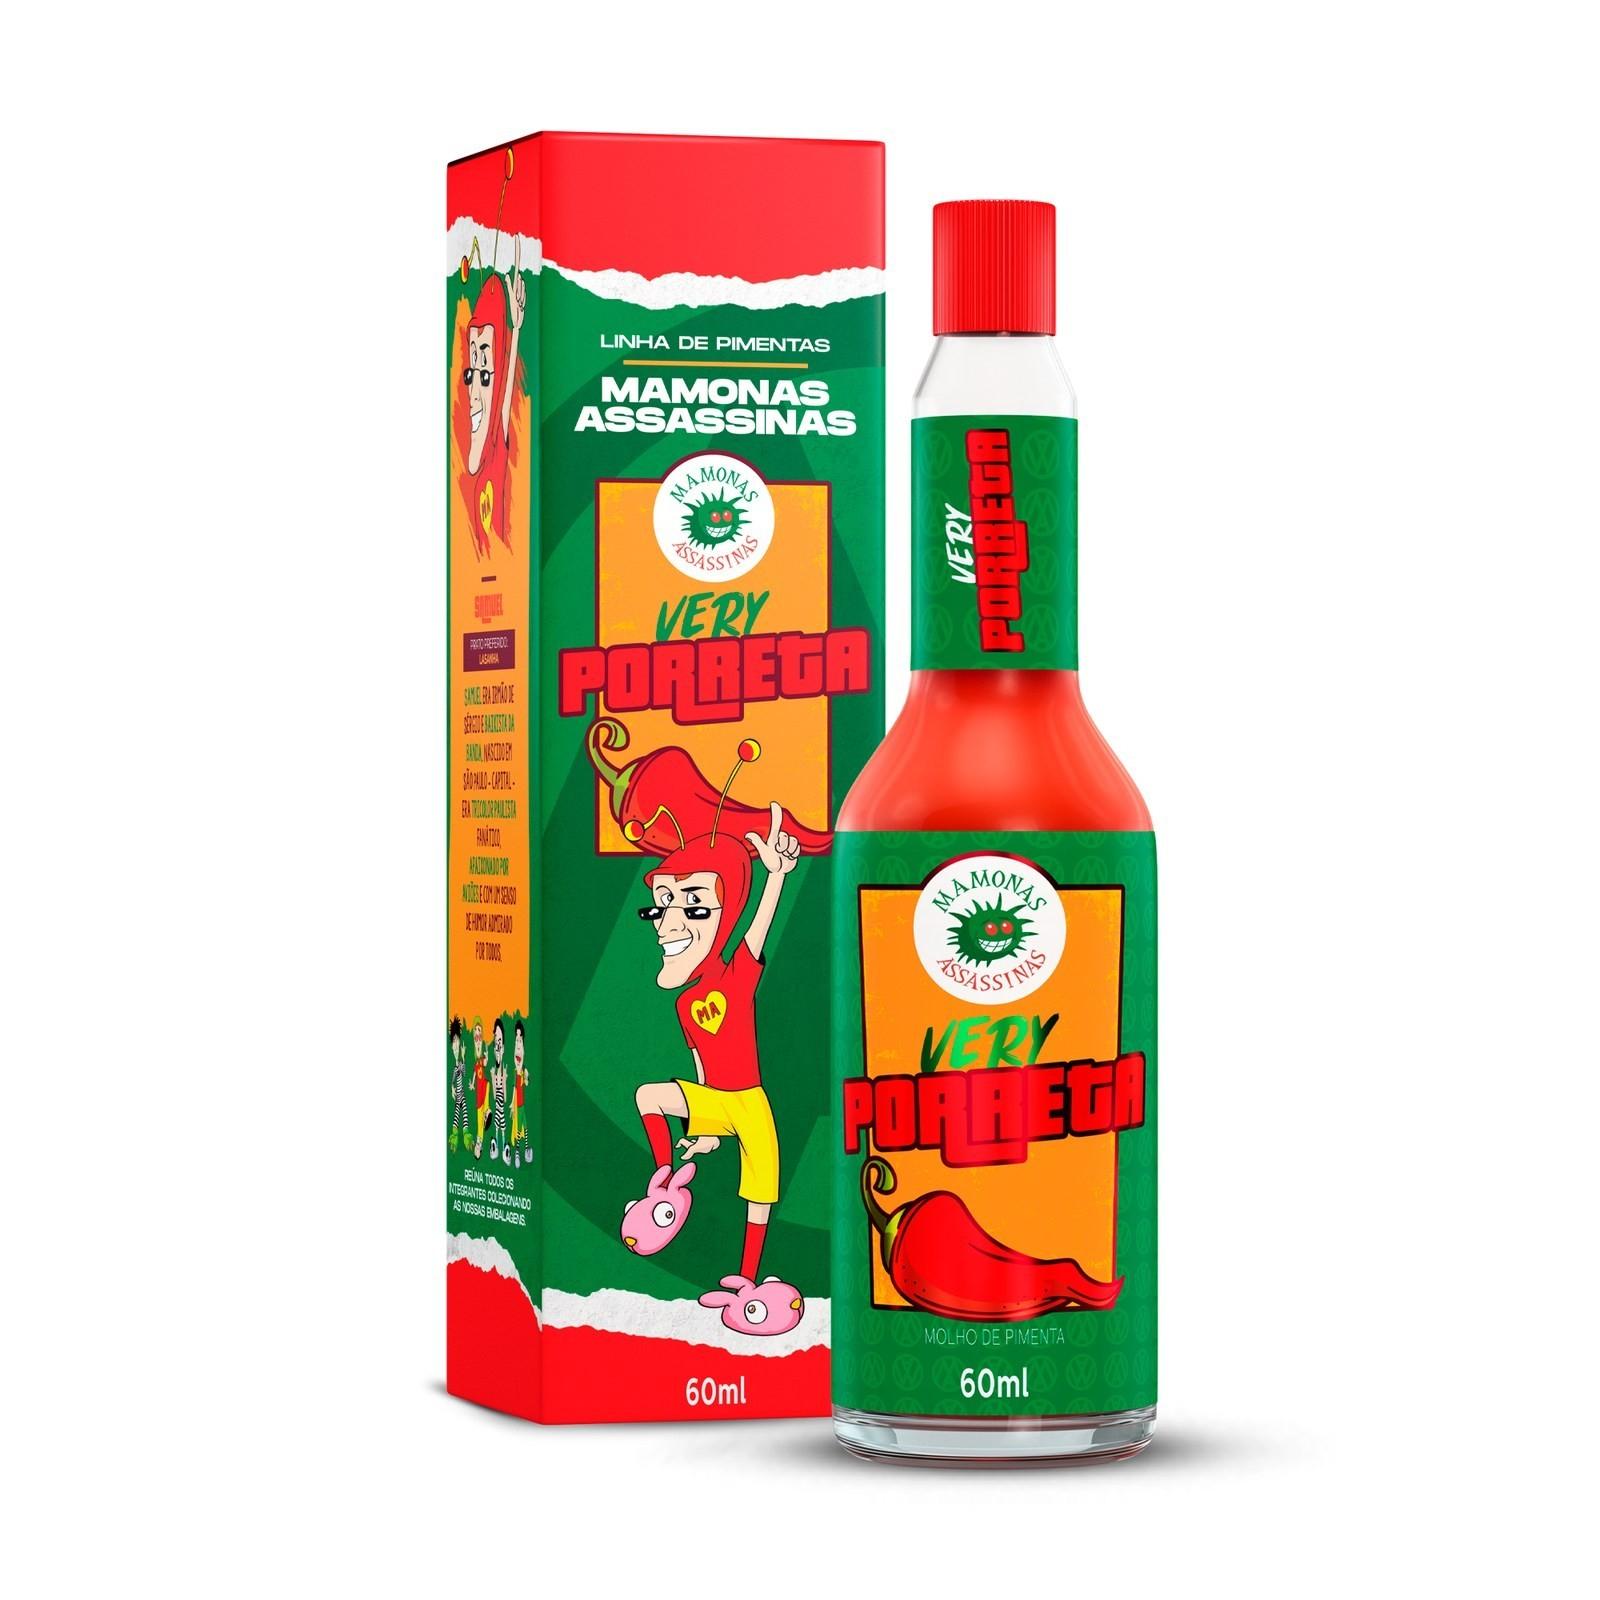 Molho de Pimenta Mamonas Assassinas - Very Porreta 60 ml (SAMUEL)